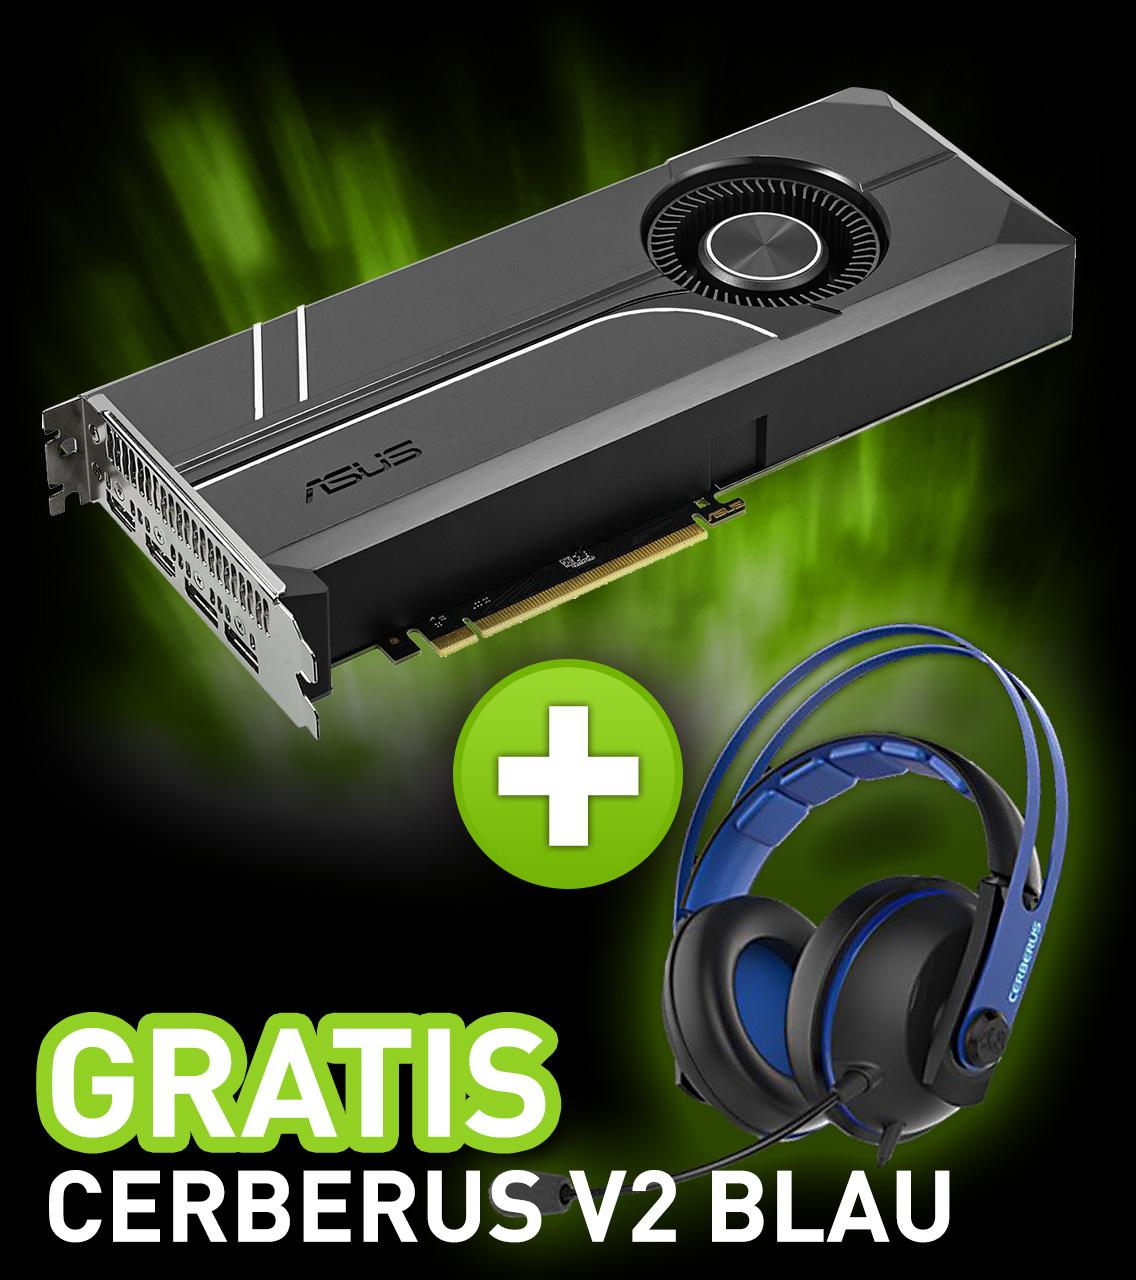 8GB Asus GeForce GTX 1080 Turbo Aktiv PCIe 3.0 x16 (Retail)